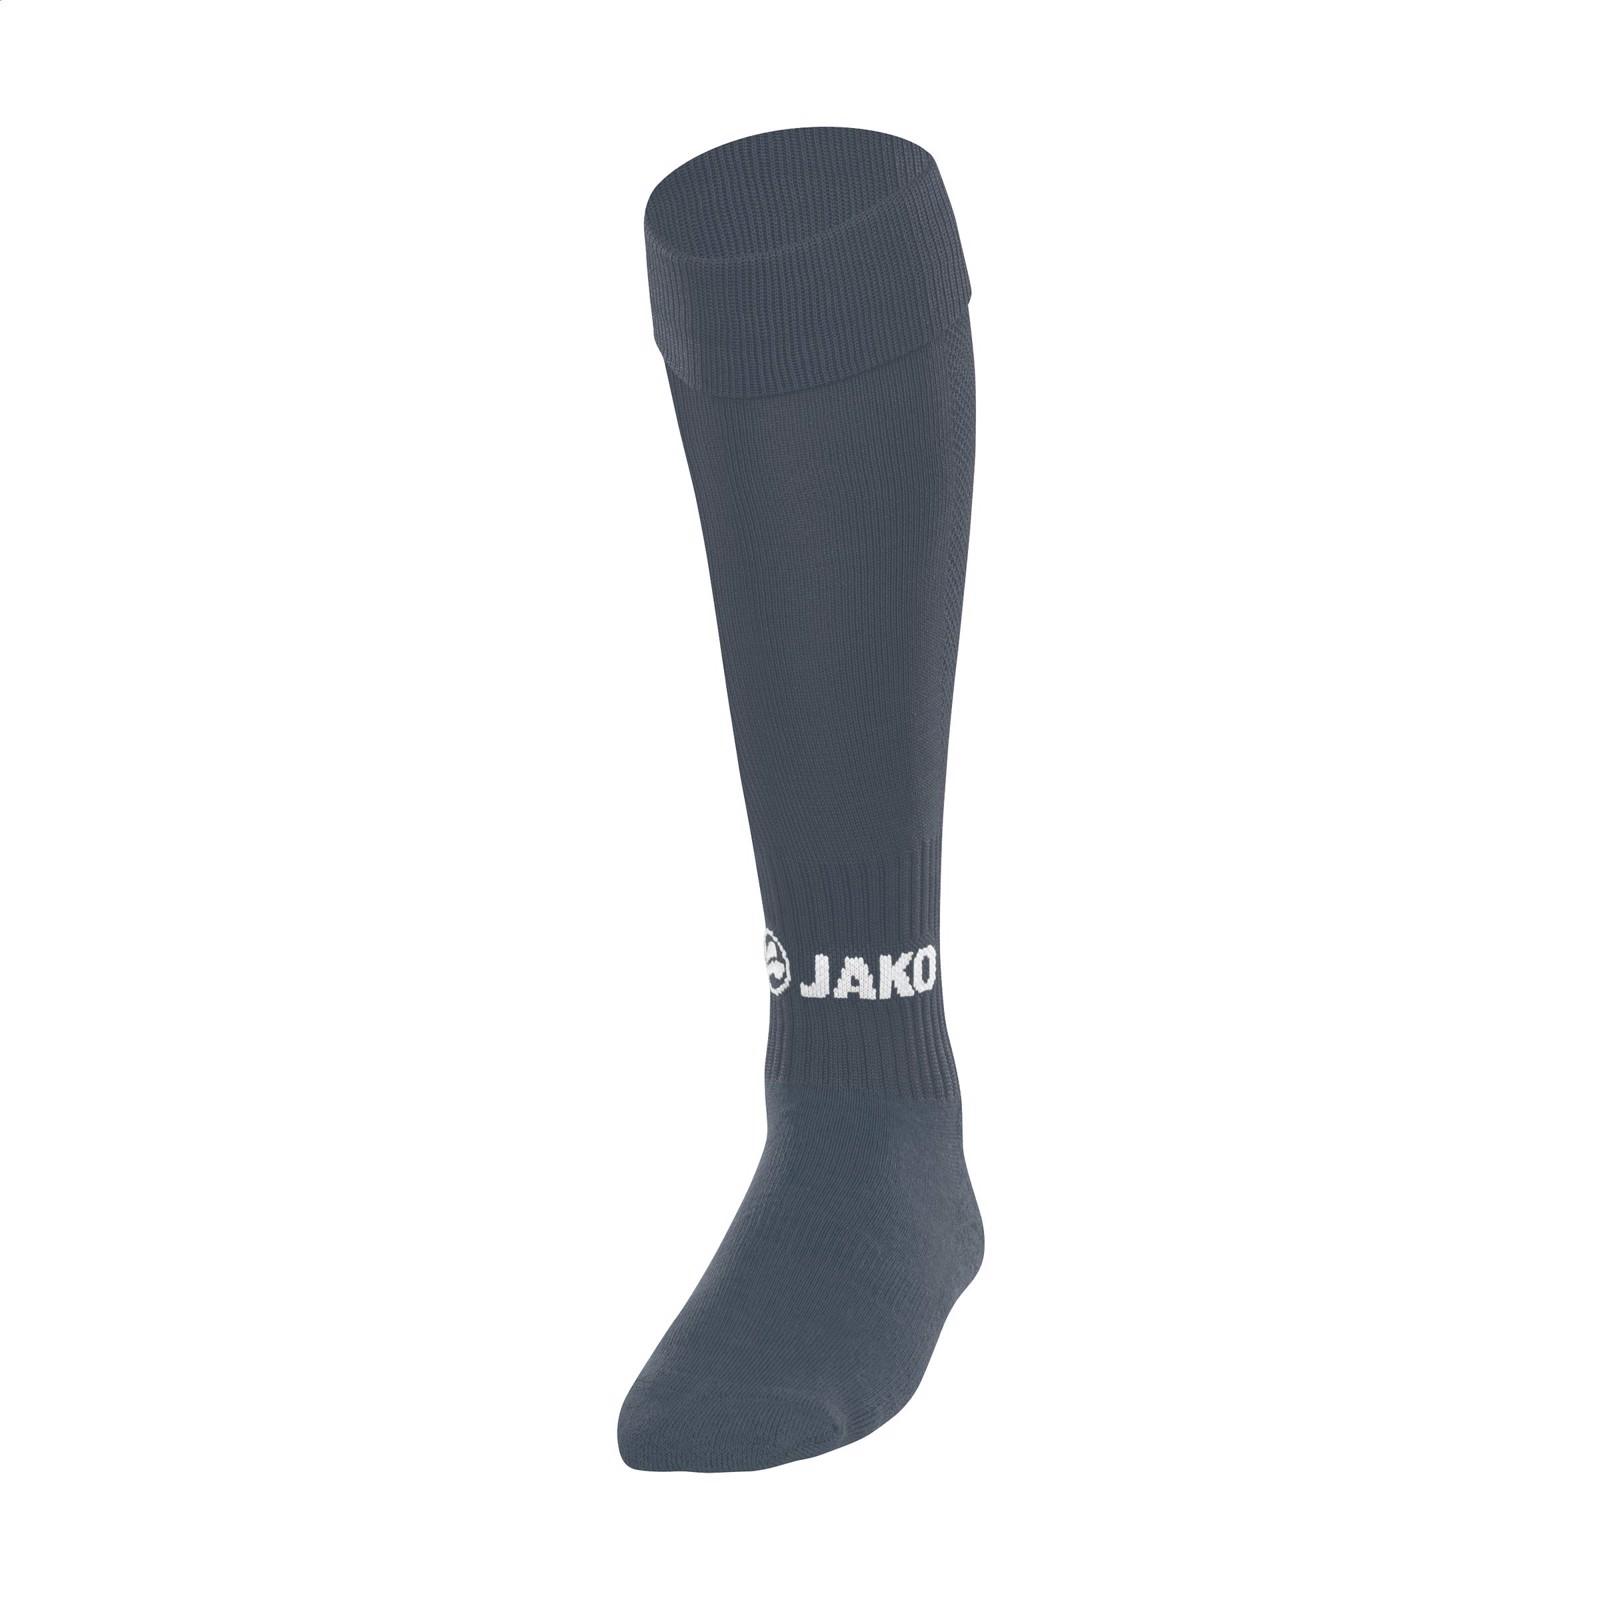 Jako® Glasgow Sport Socks  2.0 Adults - Grey / M